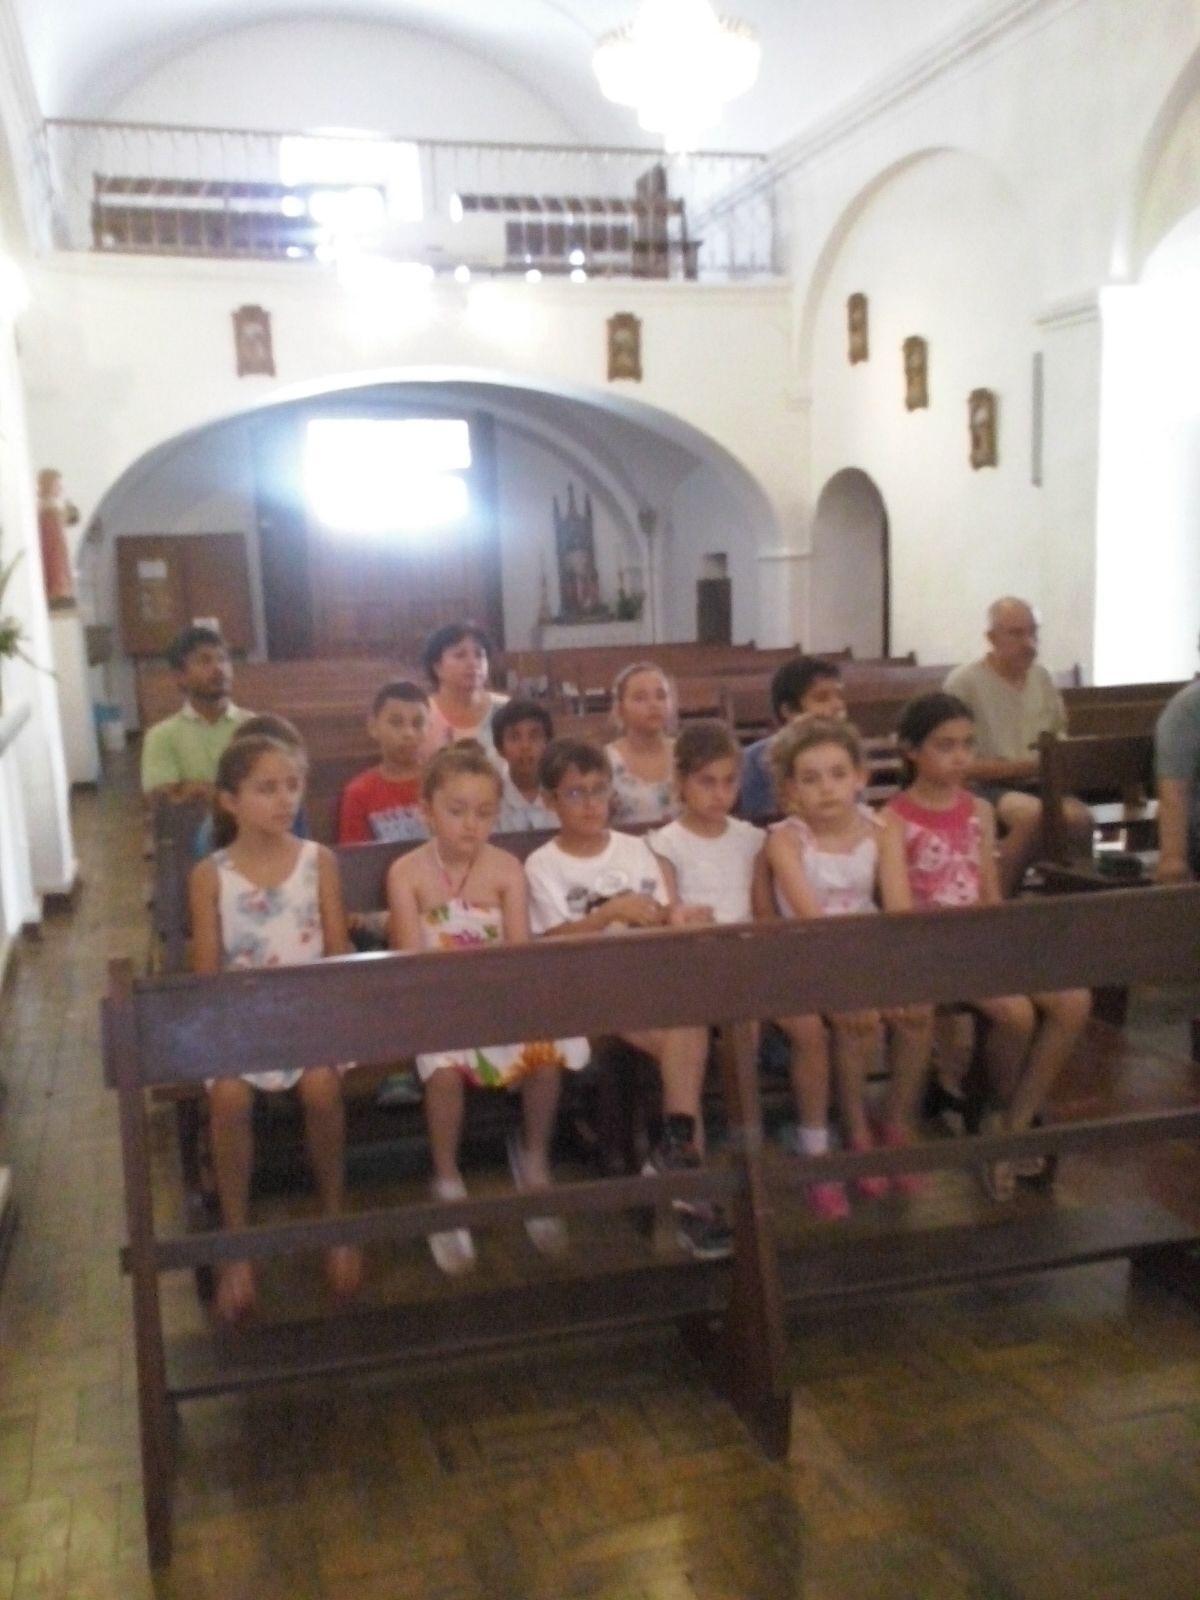 2016.07.4-10 - Campamento Niños en Portugal (19).jpg